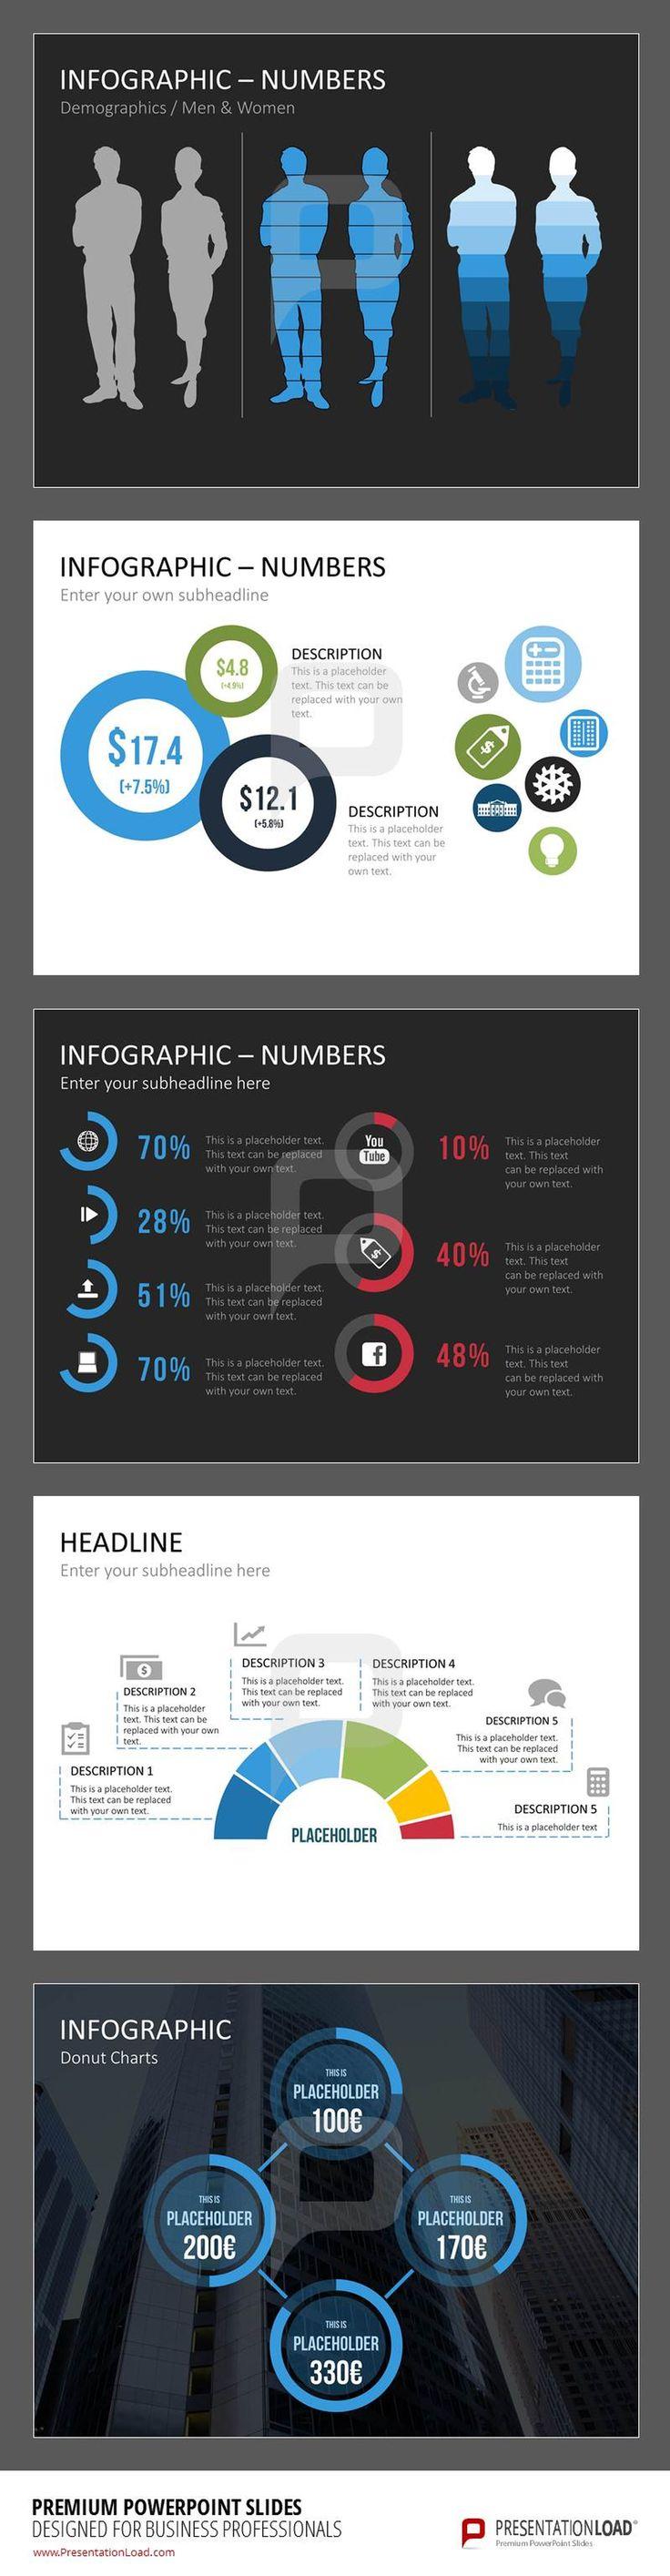 Lassen Sie Ihrer Kreativität freien Lauf und erstellen Sie im Handumdrehen stilsichere und informative #Infographiken. Unser neuestes Produkt enthält eine umfassende Sammlung an verschiedenen Darstellungsmöglichkeiten wichtiger #Kennzahlen. @ http://www.presentationload.de/powerpoint-charts-diagramme/Infografiken-Zahlen.html